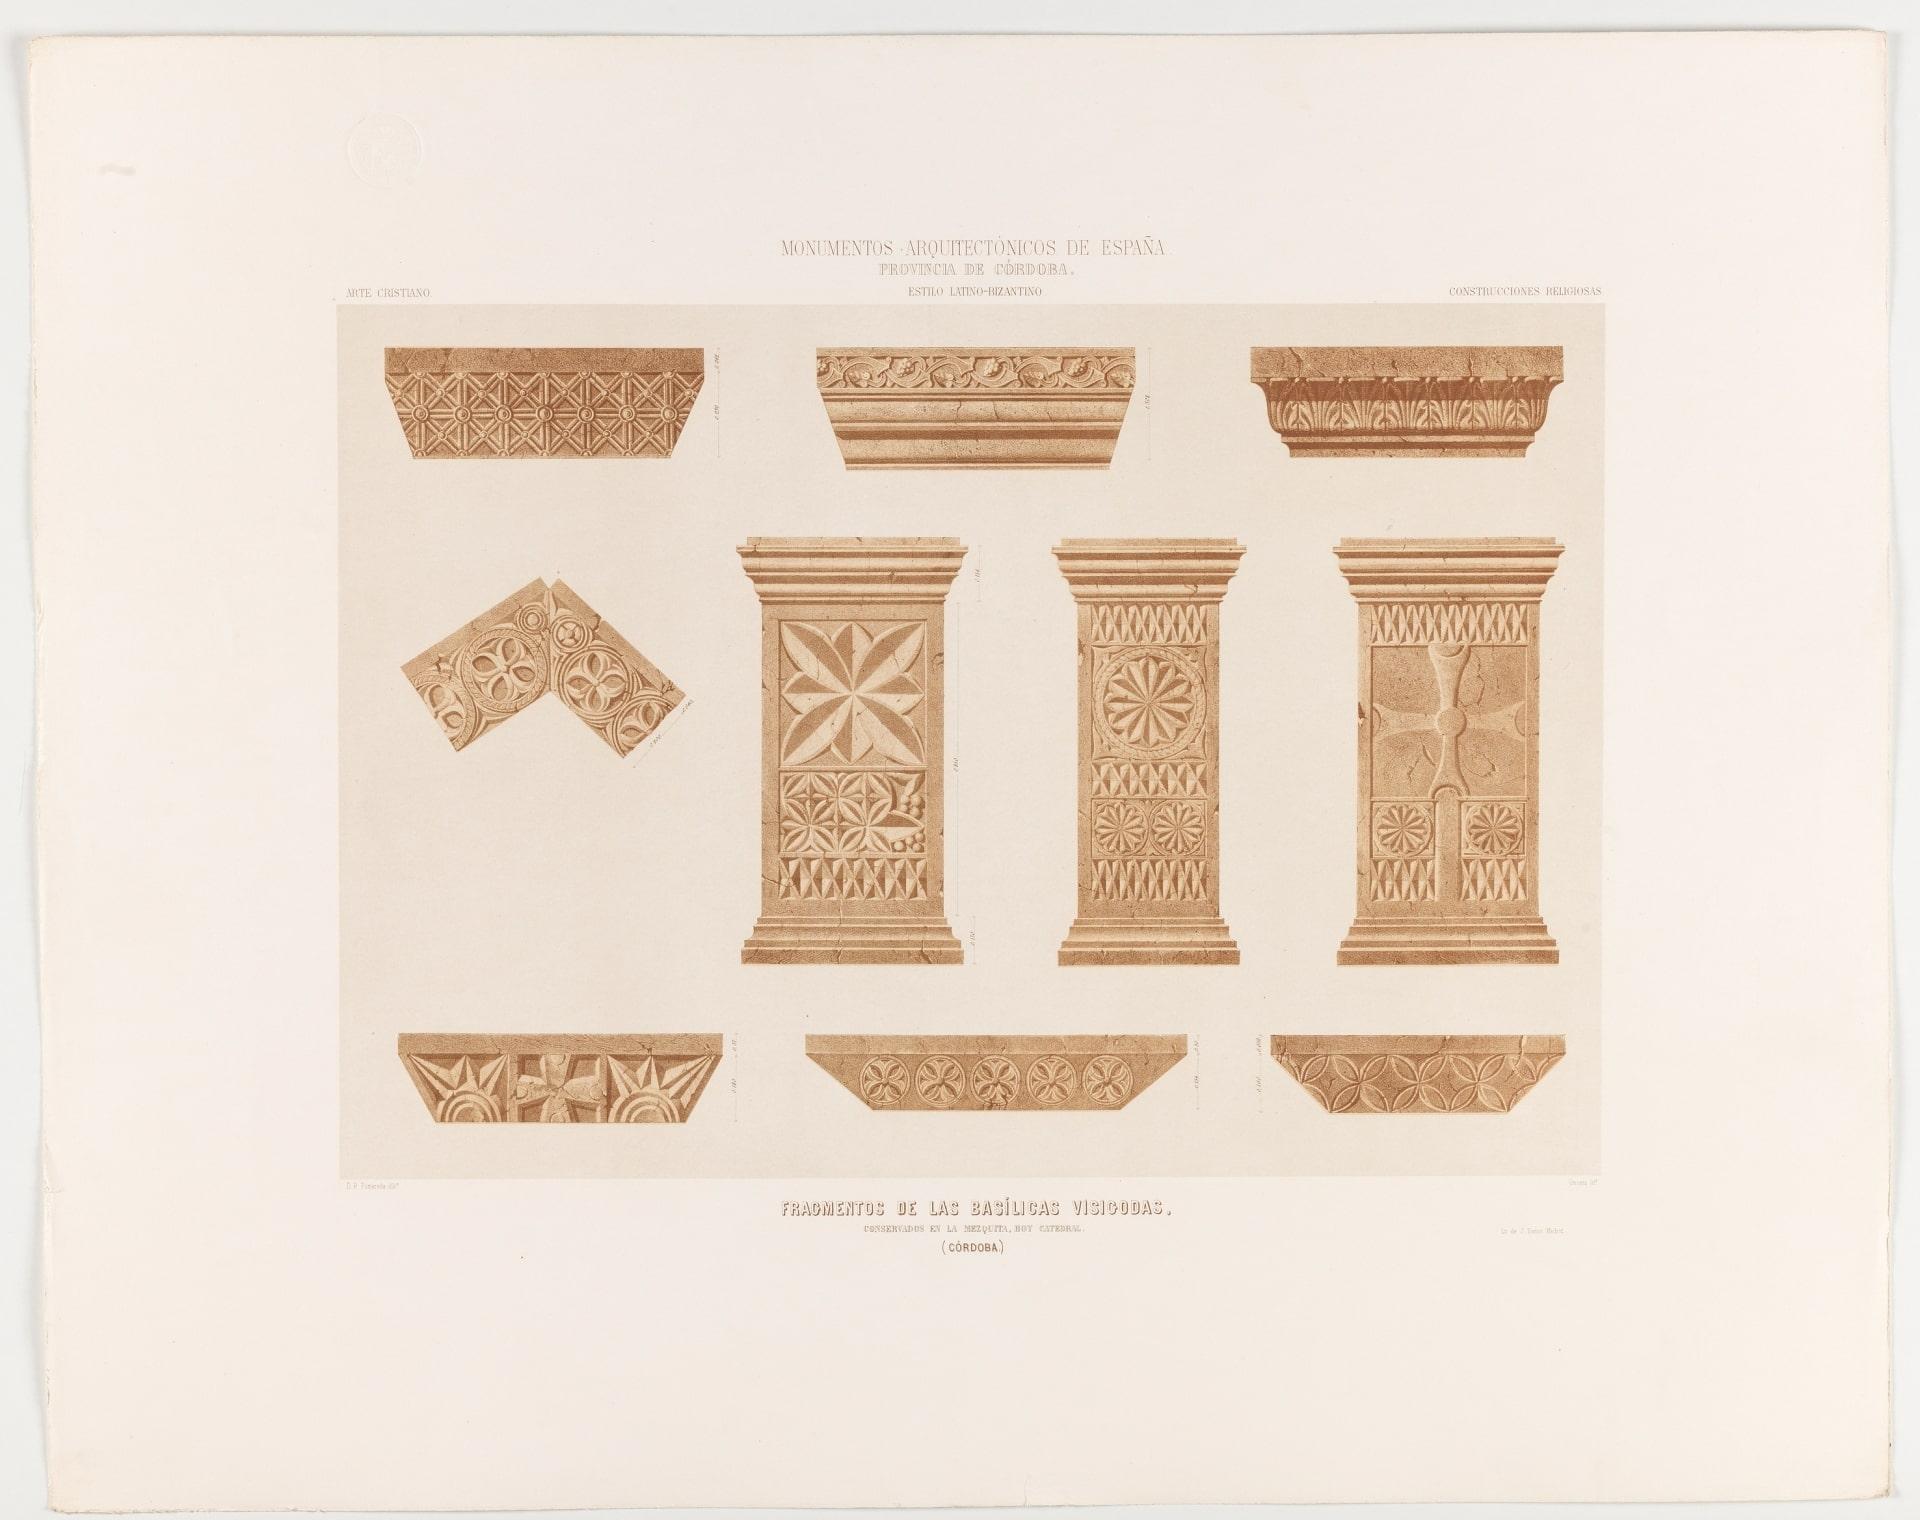 Fragmentos de las basílicas visigodas conservados en la Mezquita de Córdoba - Orígenes de Europa